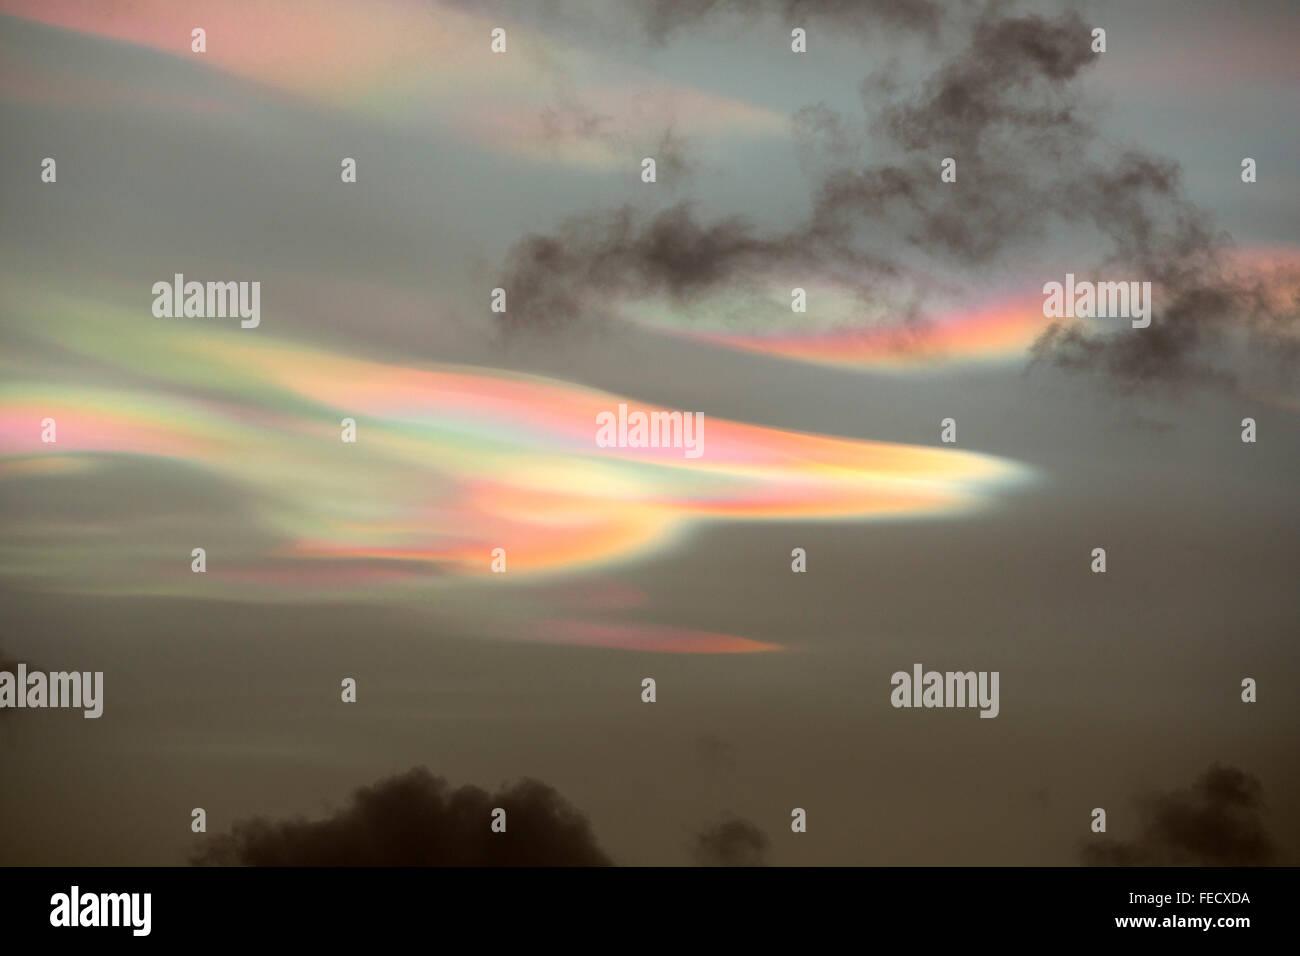 Les effets d'éclairage bizarre en nuages nacrés au coucher de soleil sur Ambleside, causé par Photo Stock